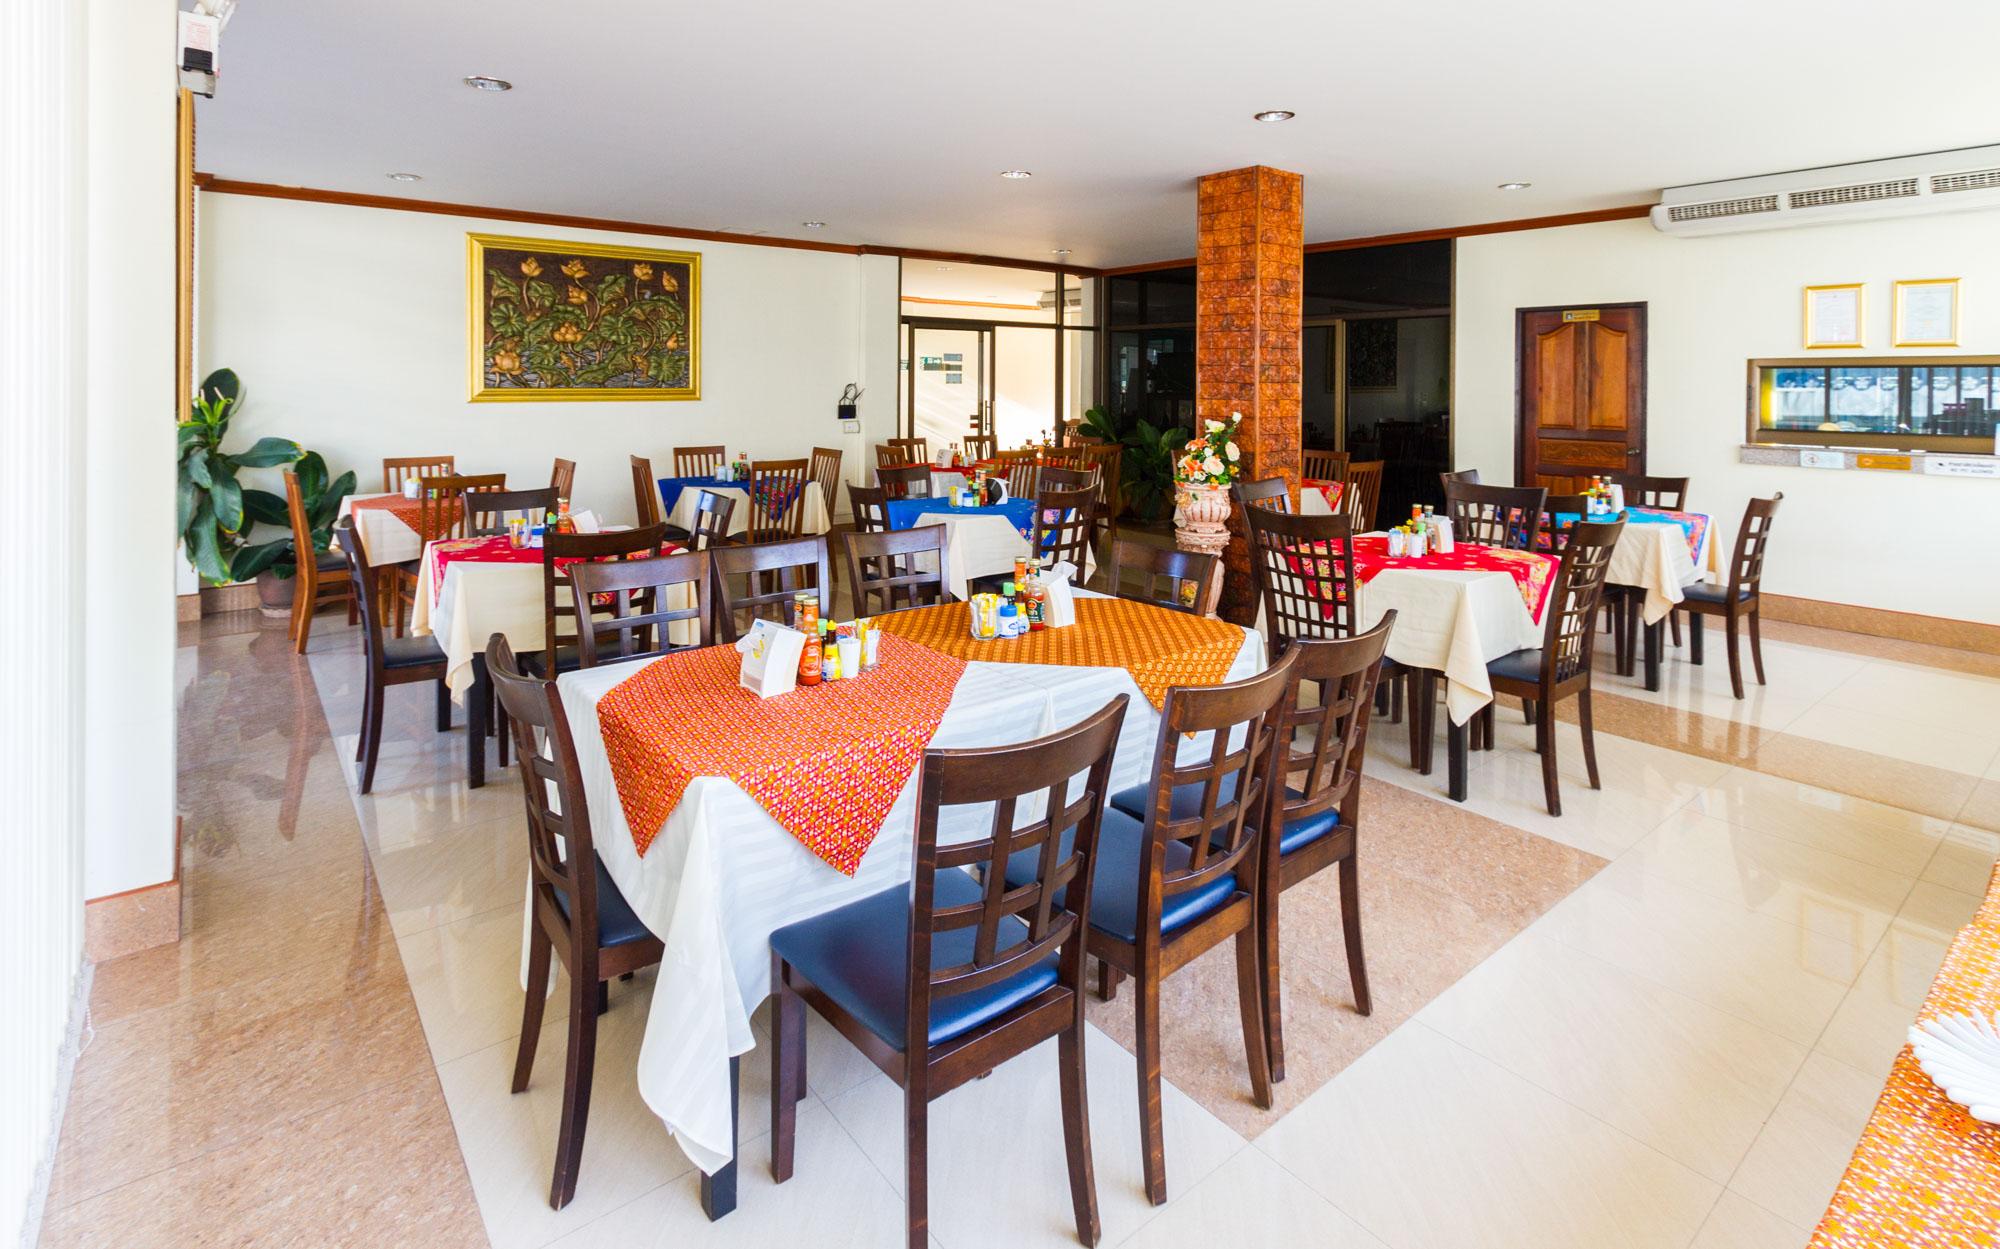 โรงแรมกระบี่เพชรไพลิน เมืองกระบี่  โรงแรมกระบี่เพชรไพลิน โฮเทล (Krabi Phetpailin Hotel) Halal IMG 0203